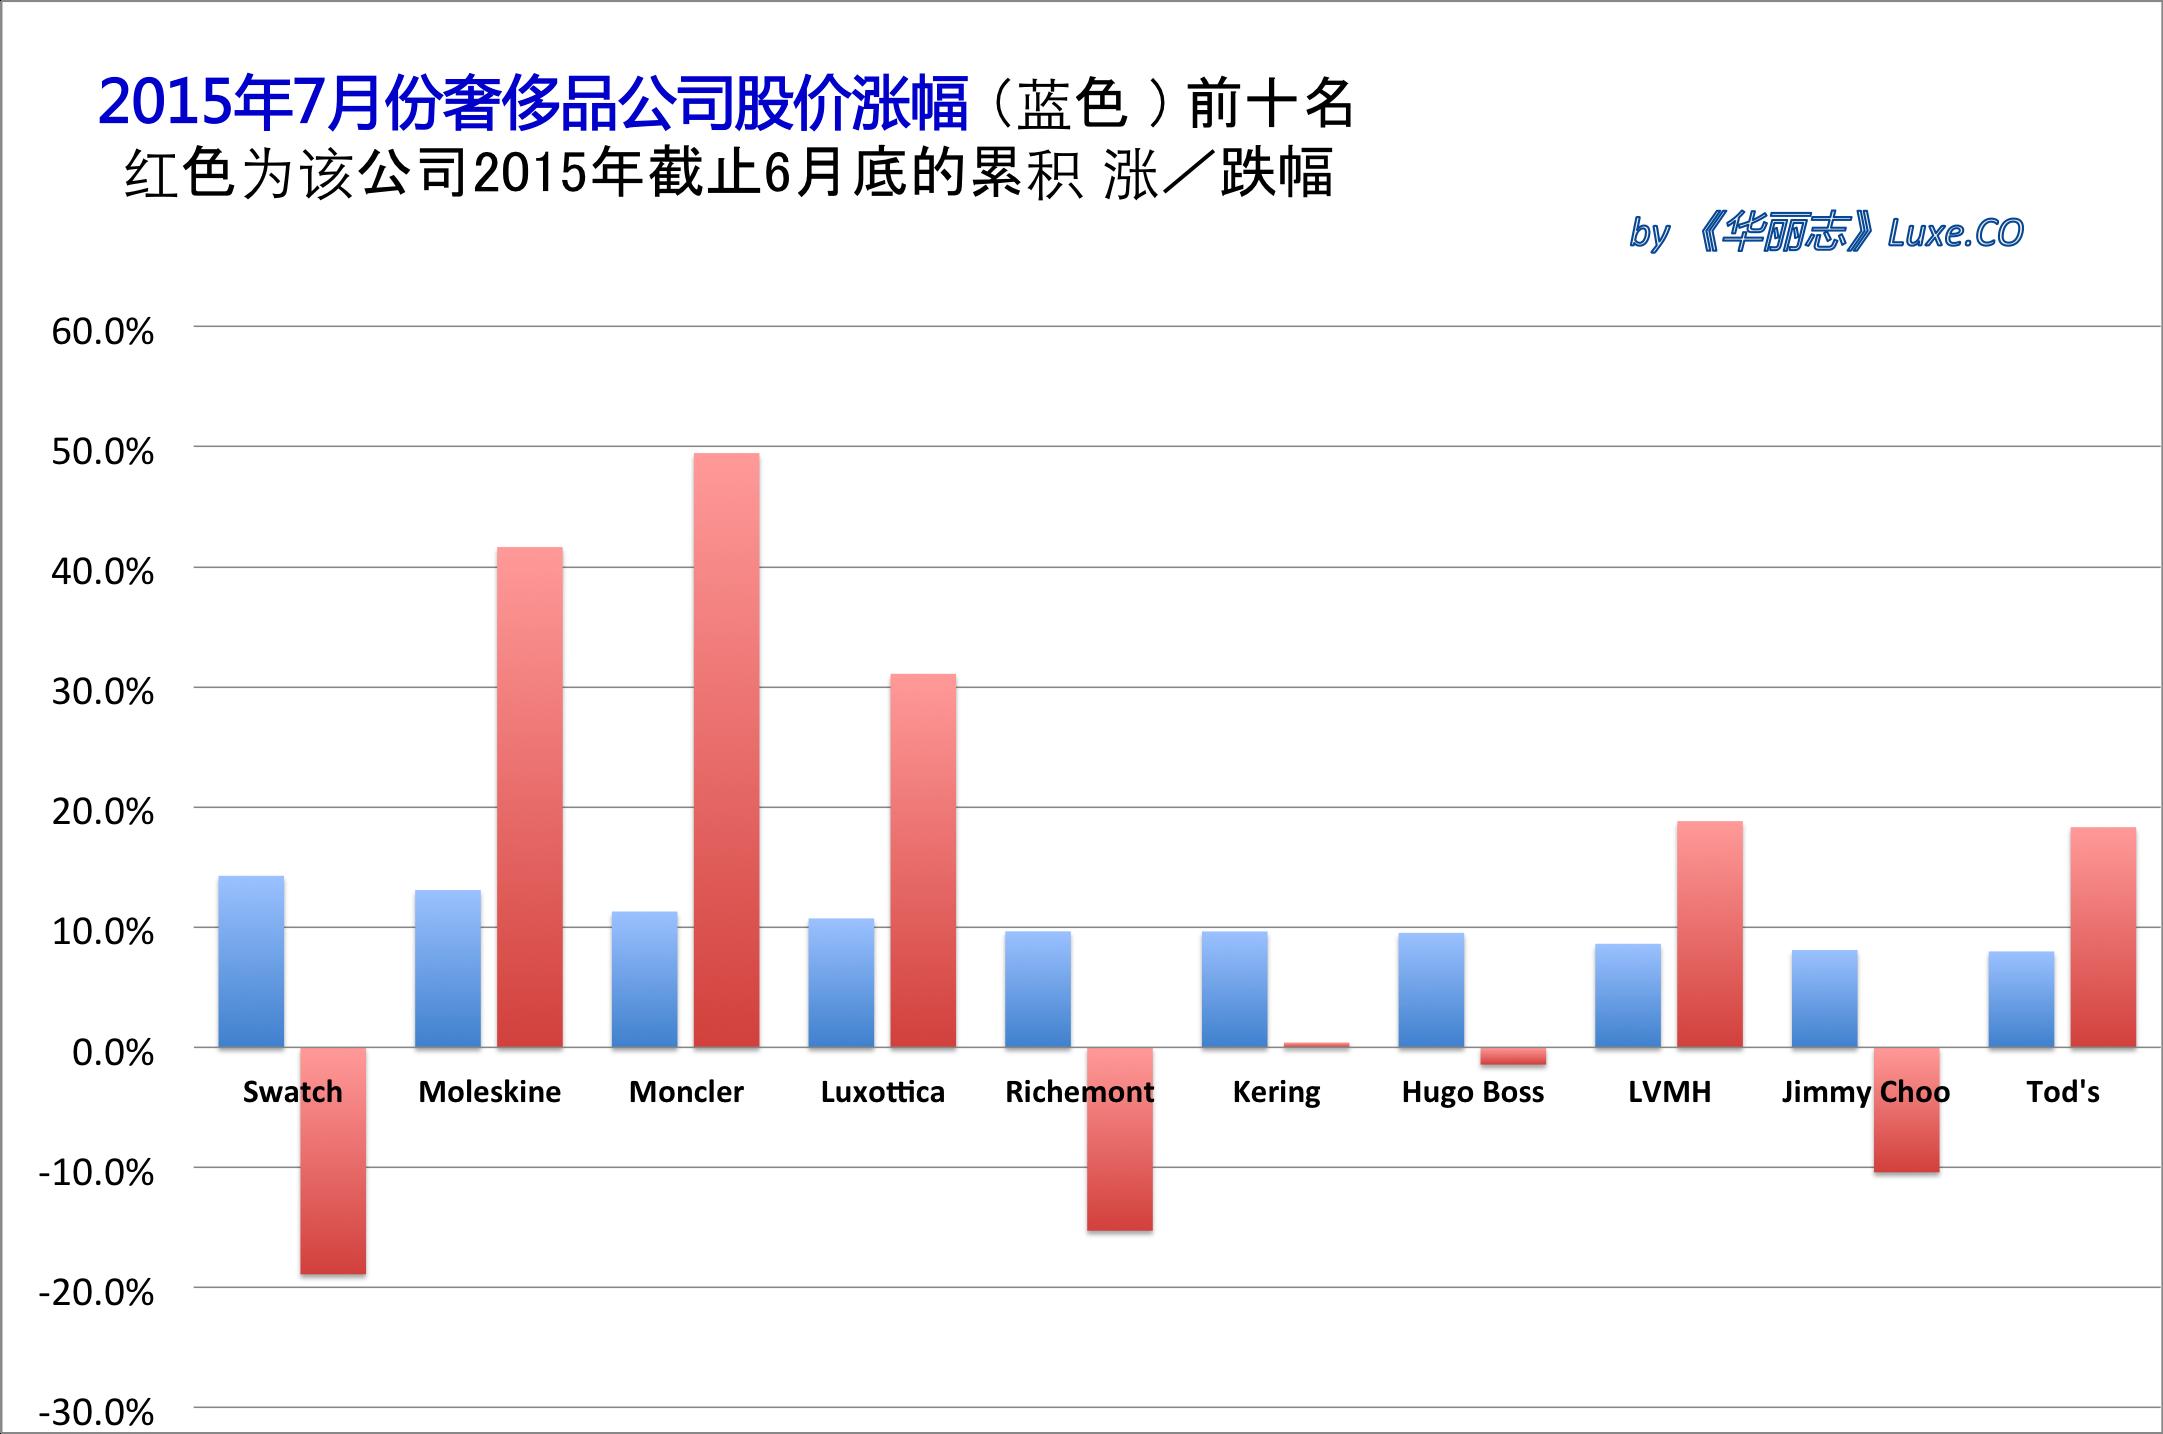 《华丽志》奢侈品股票月度排行榜 (2015年7月)